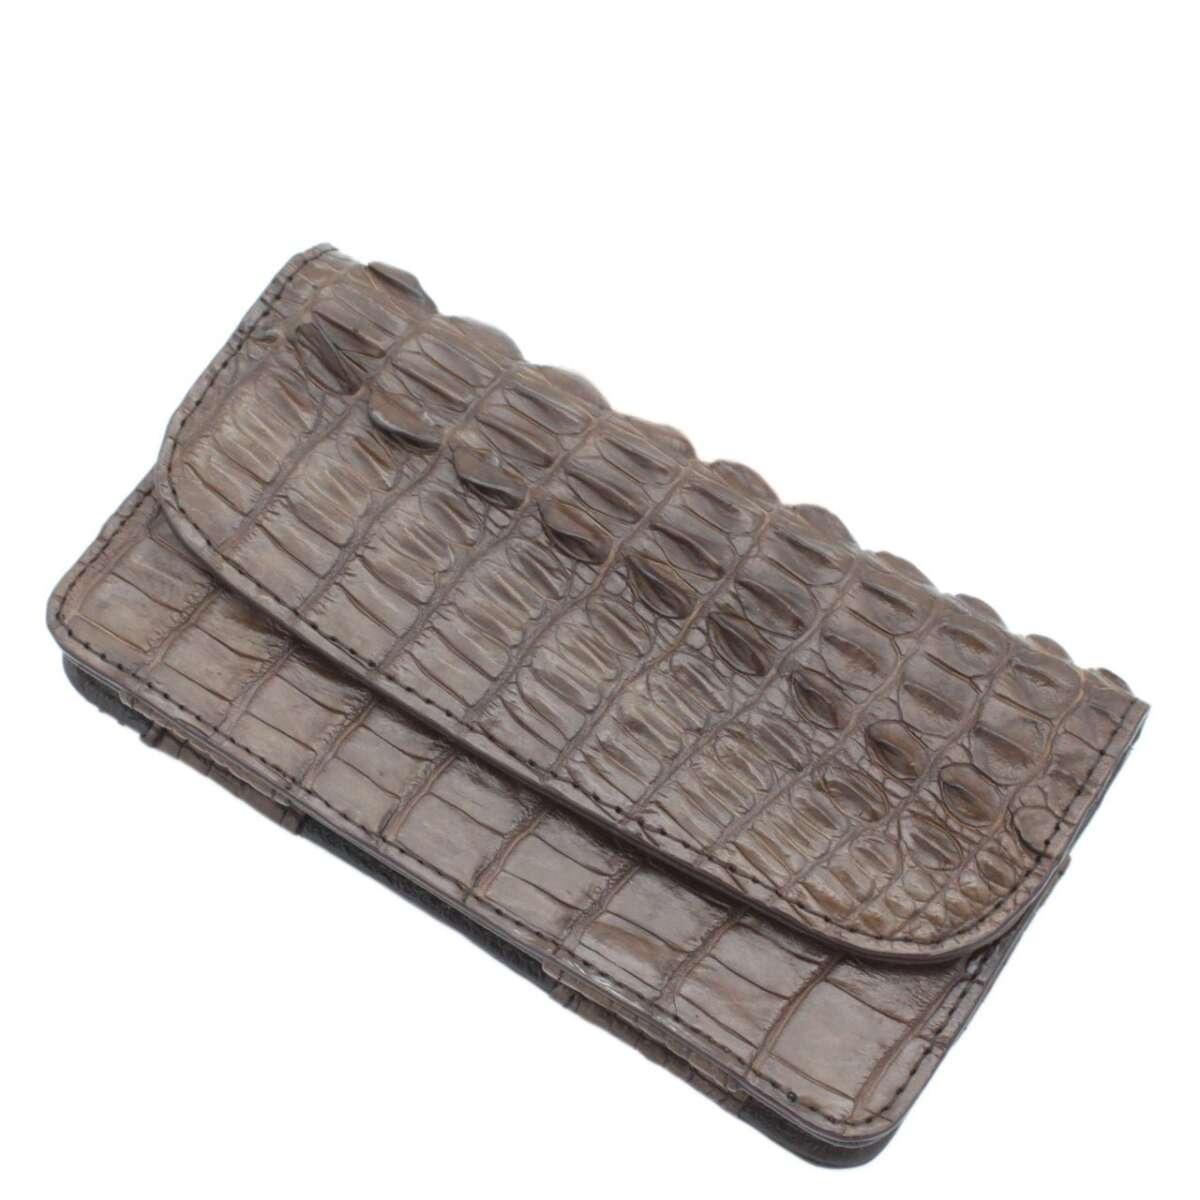 Bao điện thoại đeo lưng iphone 6/7/8 da cá sấu S1006a